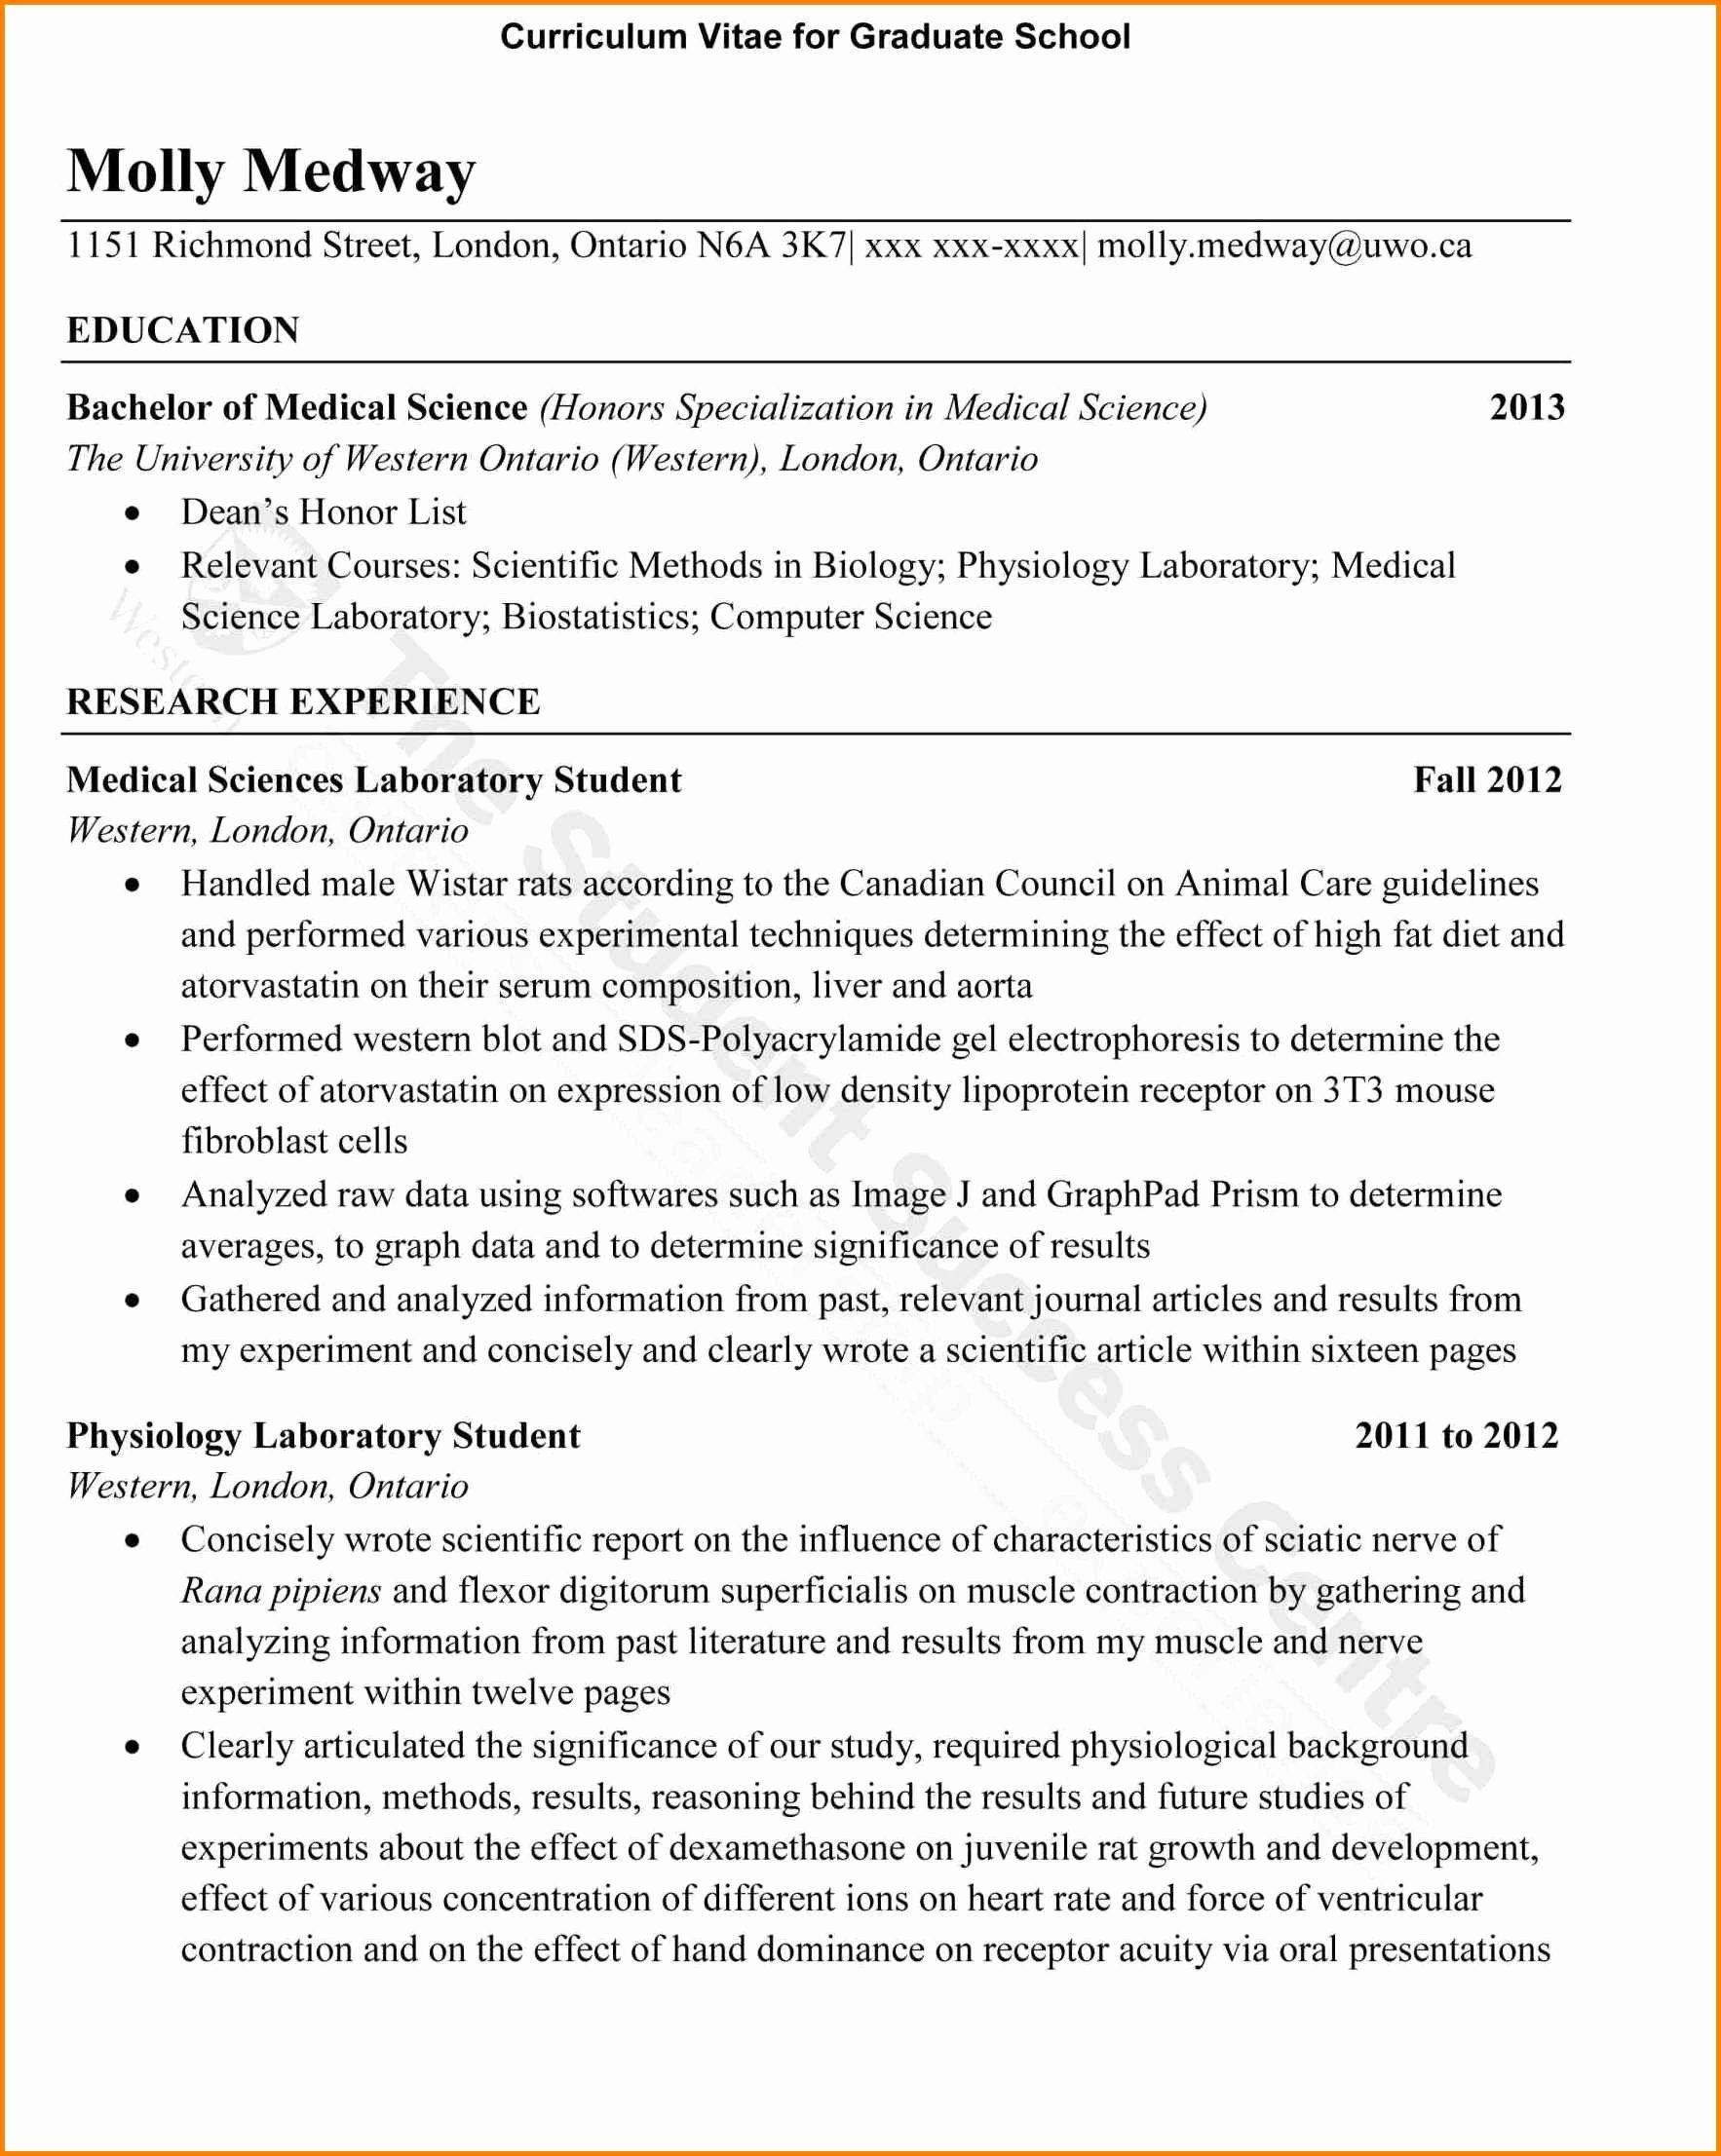 Cv Template Graduate School Unique 15 Sample Curriculum Vitae for Graduate School